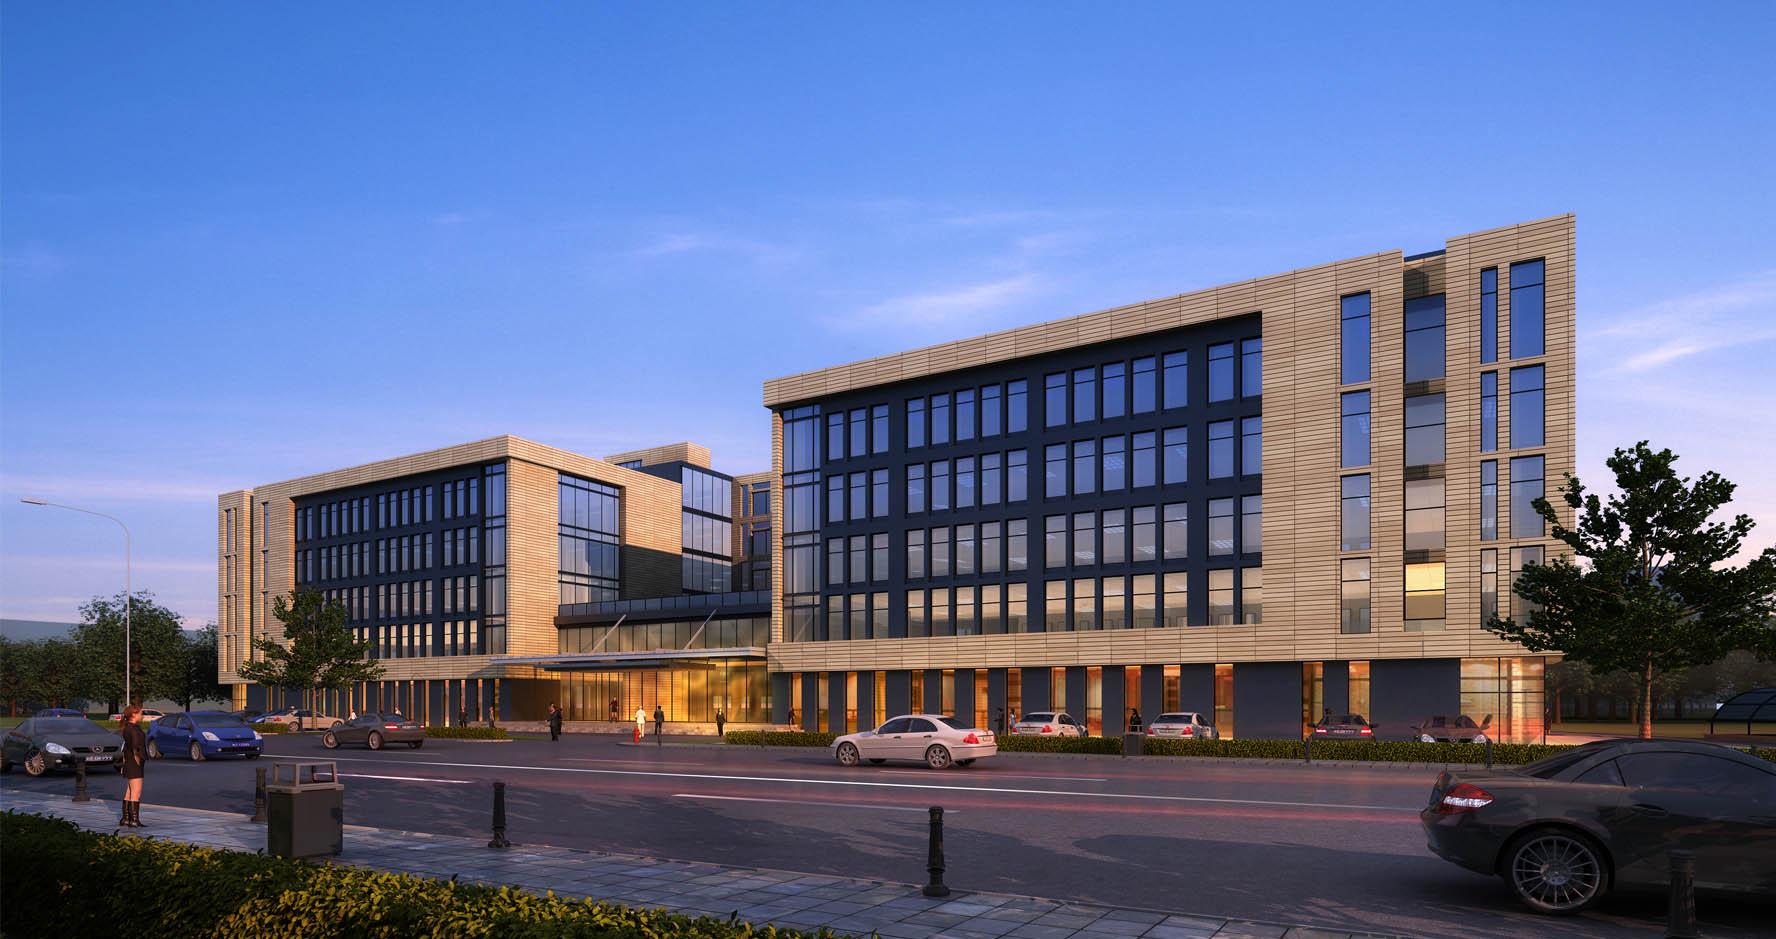 和协航电综合办公楼 - 北京市住宅建筑设计研究院有限